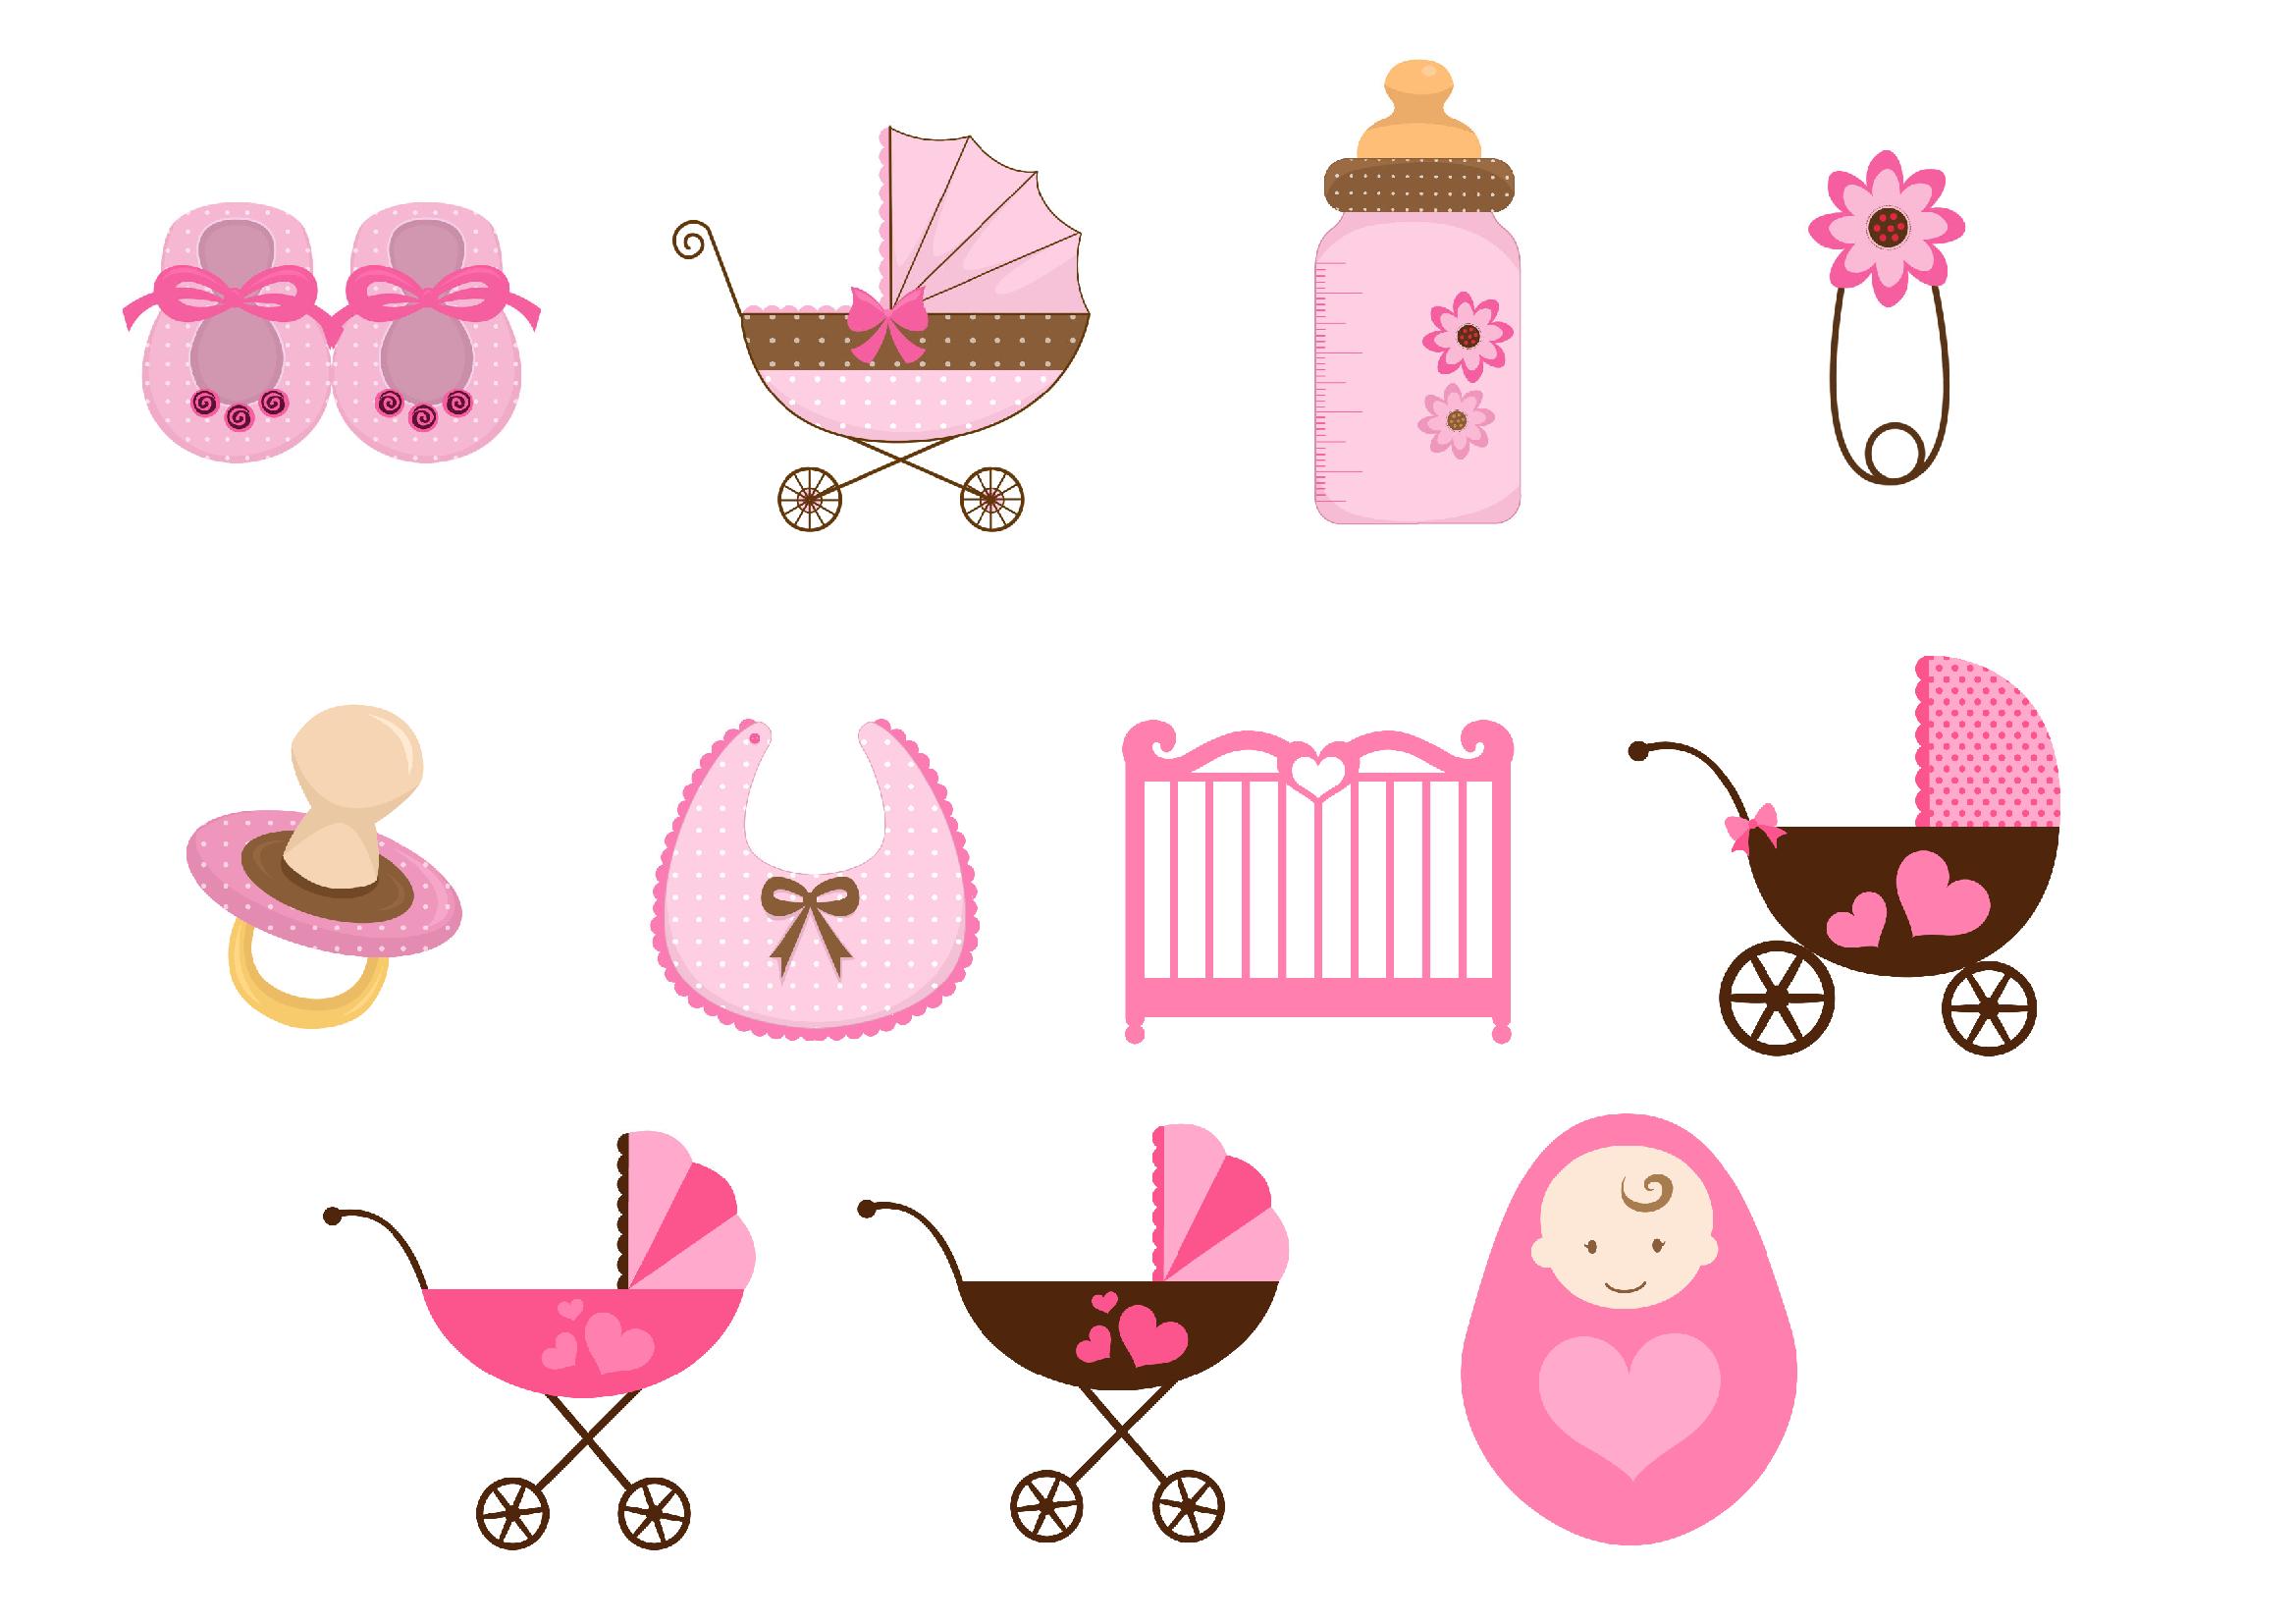 100 apliques ch de beb rosa no elo7 vc foto produto 9ce8e2